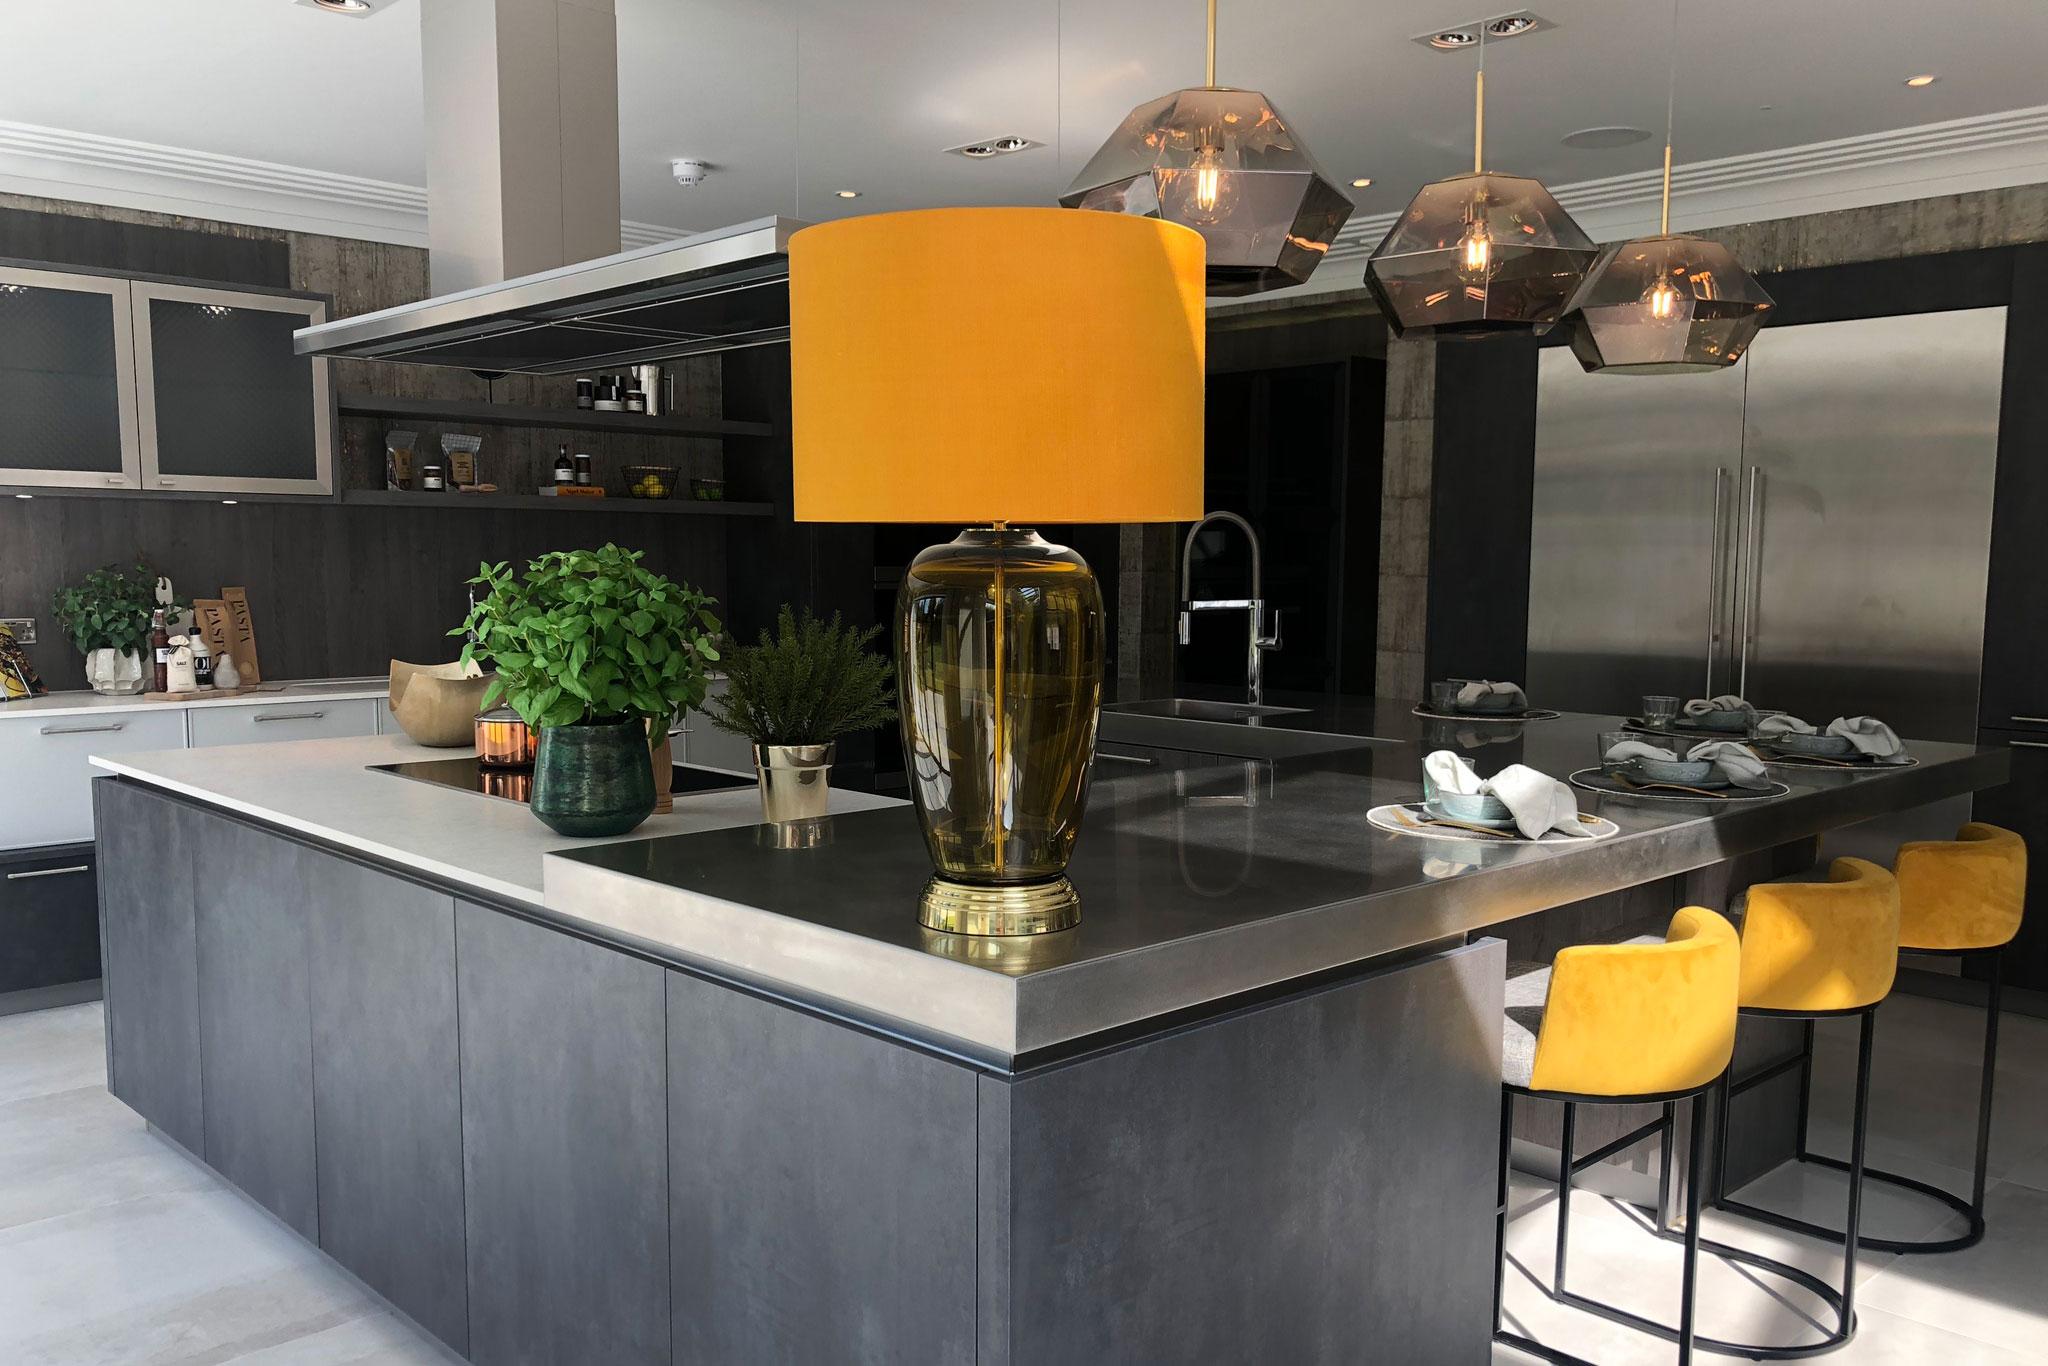 Kitchen with layered lighting scheme